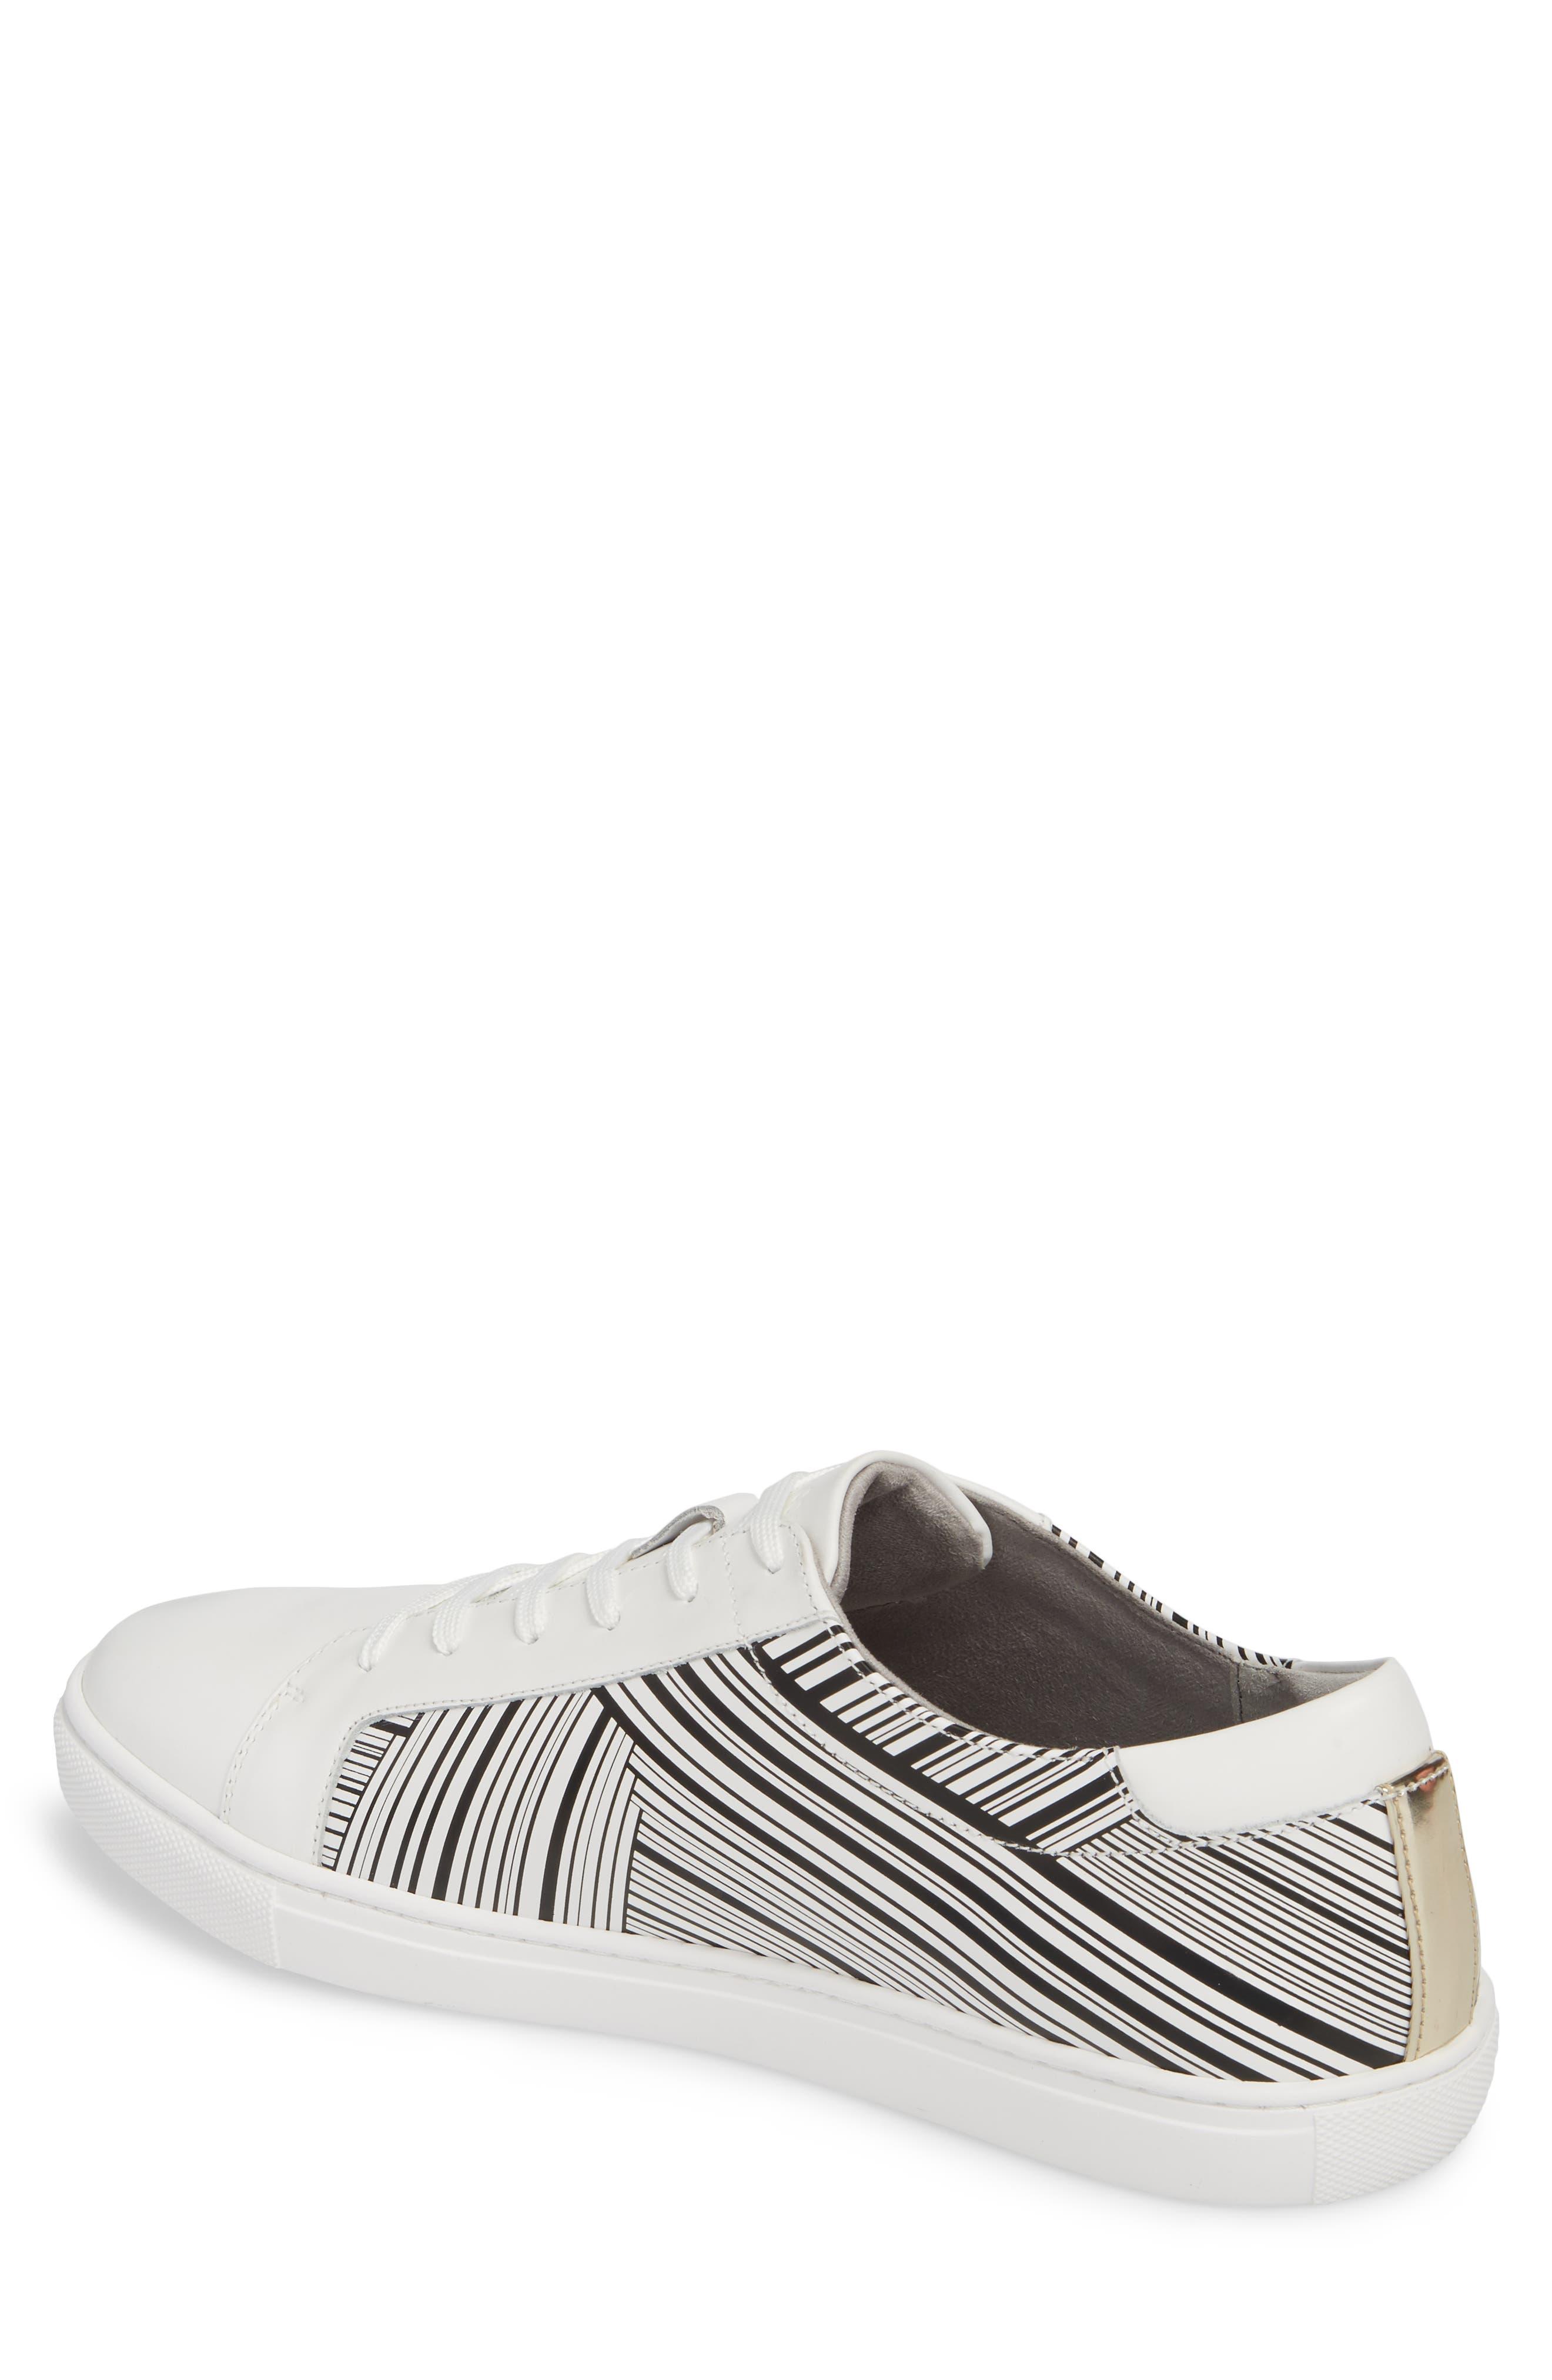 Kam Sneaker,                             Alternate thumbnail 2, color,                             White/ Black Leather